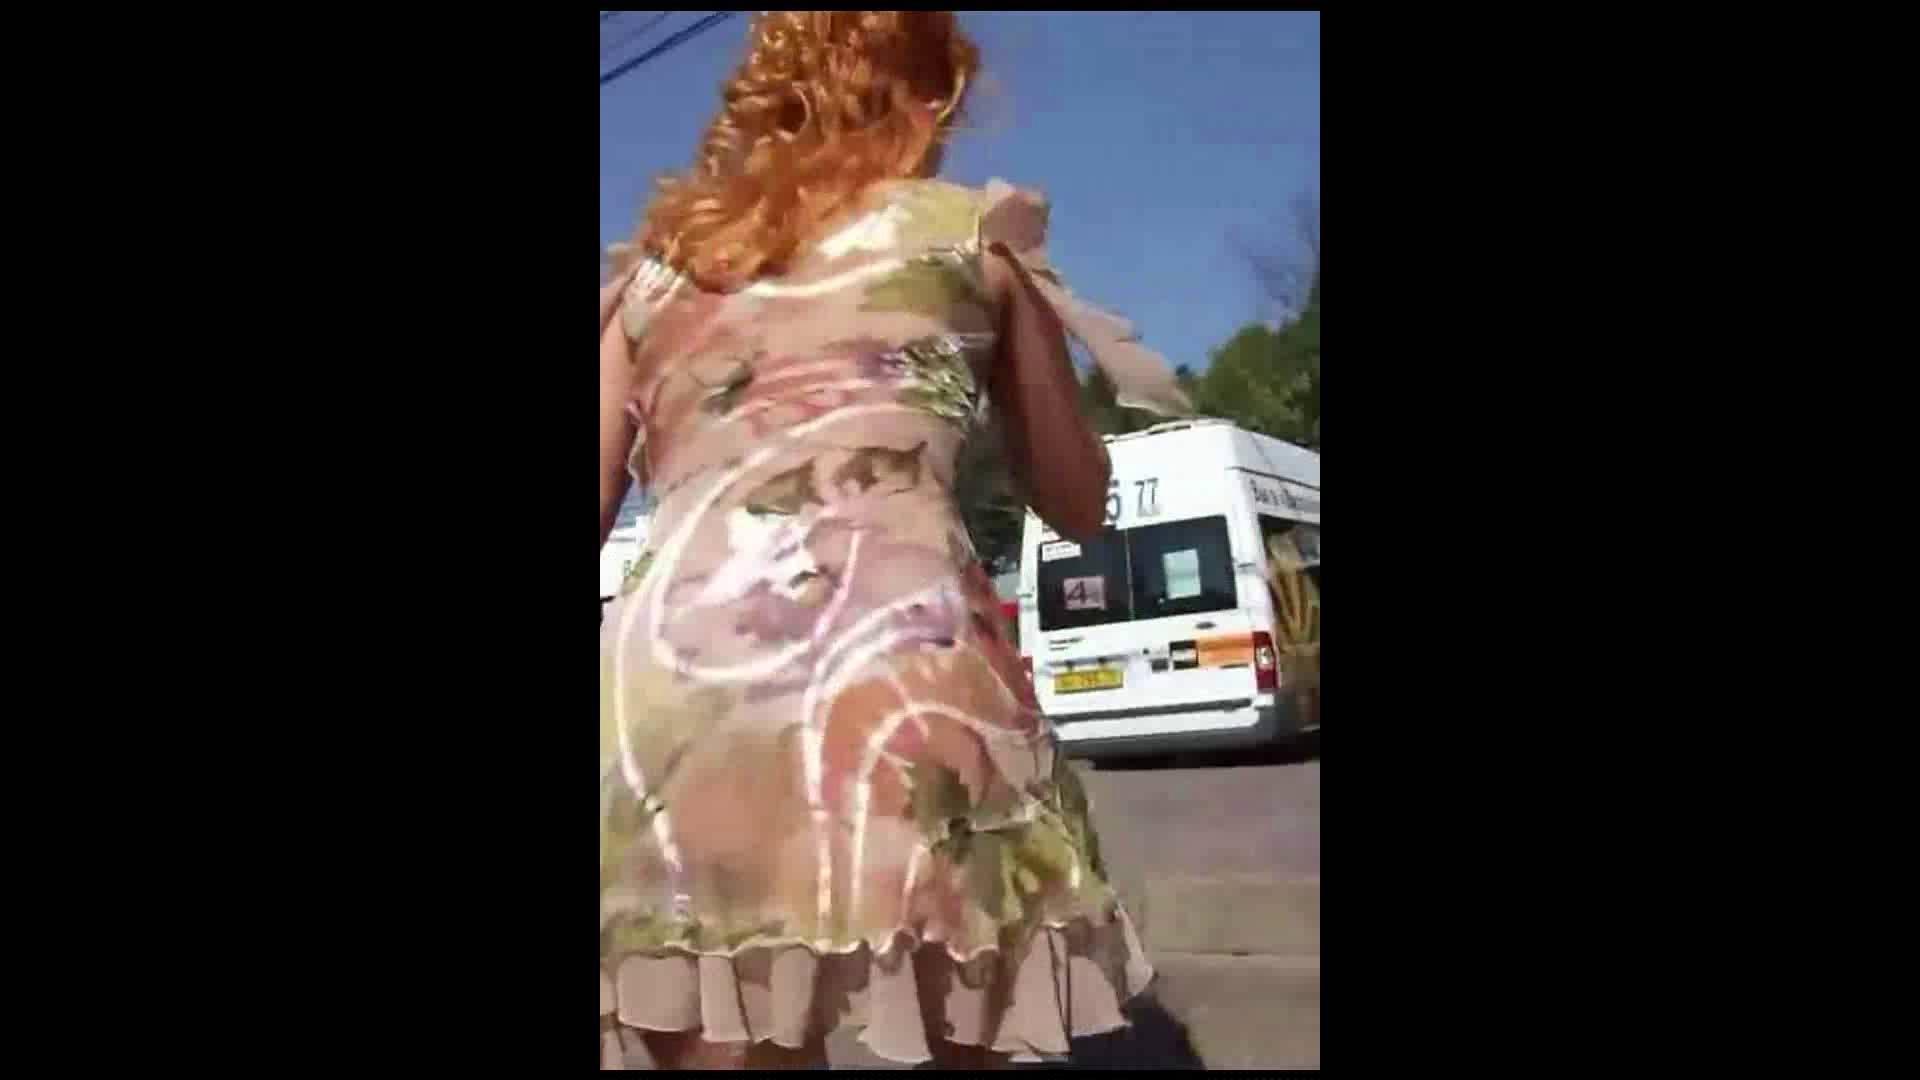 綺麗なモデルさんのスカート捲っちゃおう‼vol03 お姉さんのエロ動画 | 0  101PIX 63